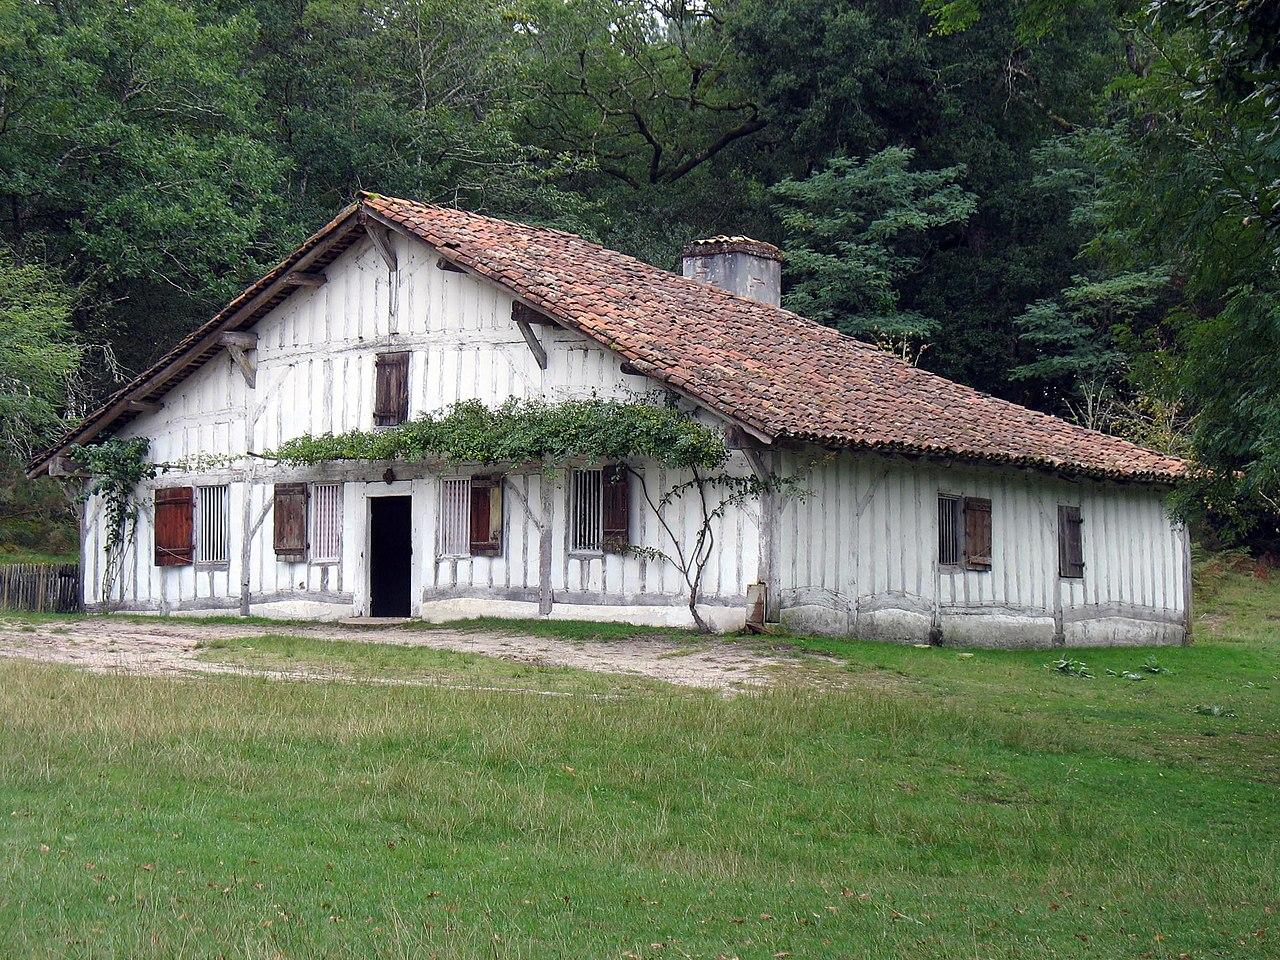 Maison Restaurer La Gueroulde Benoit Chateau